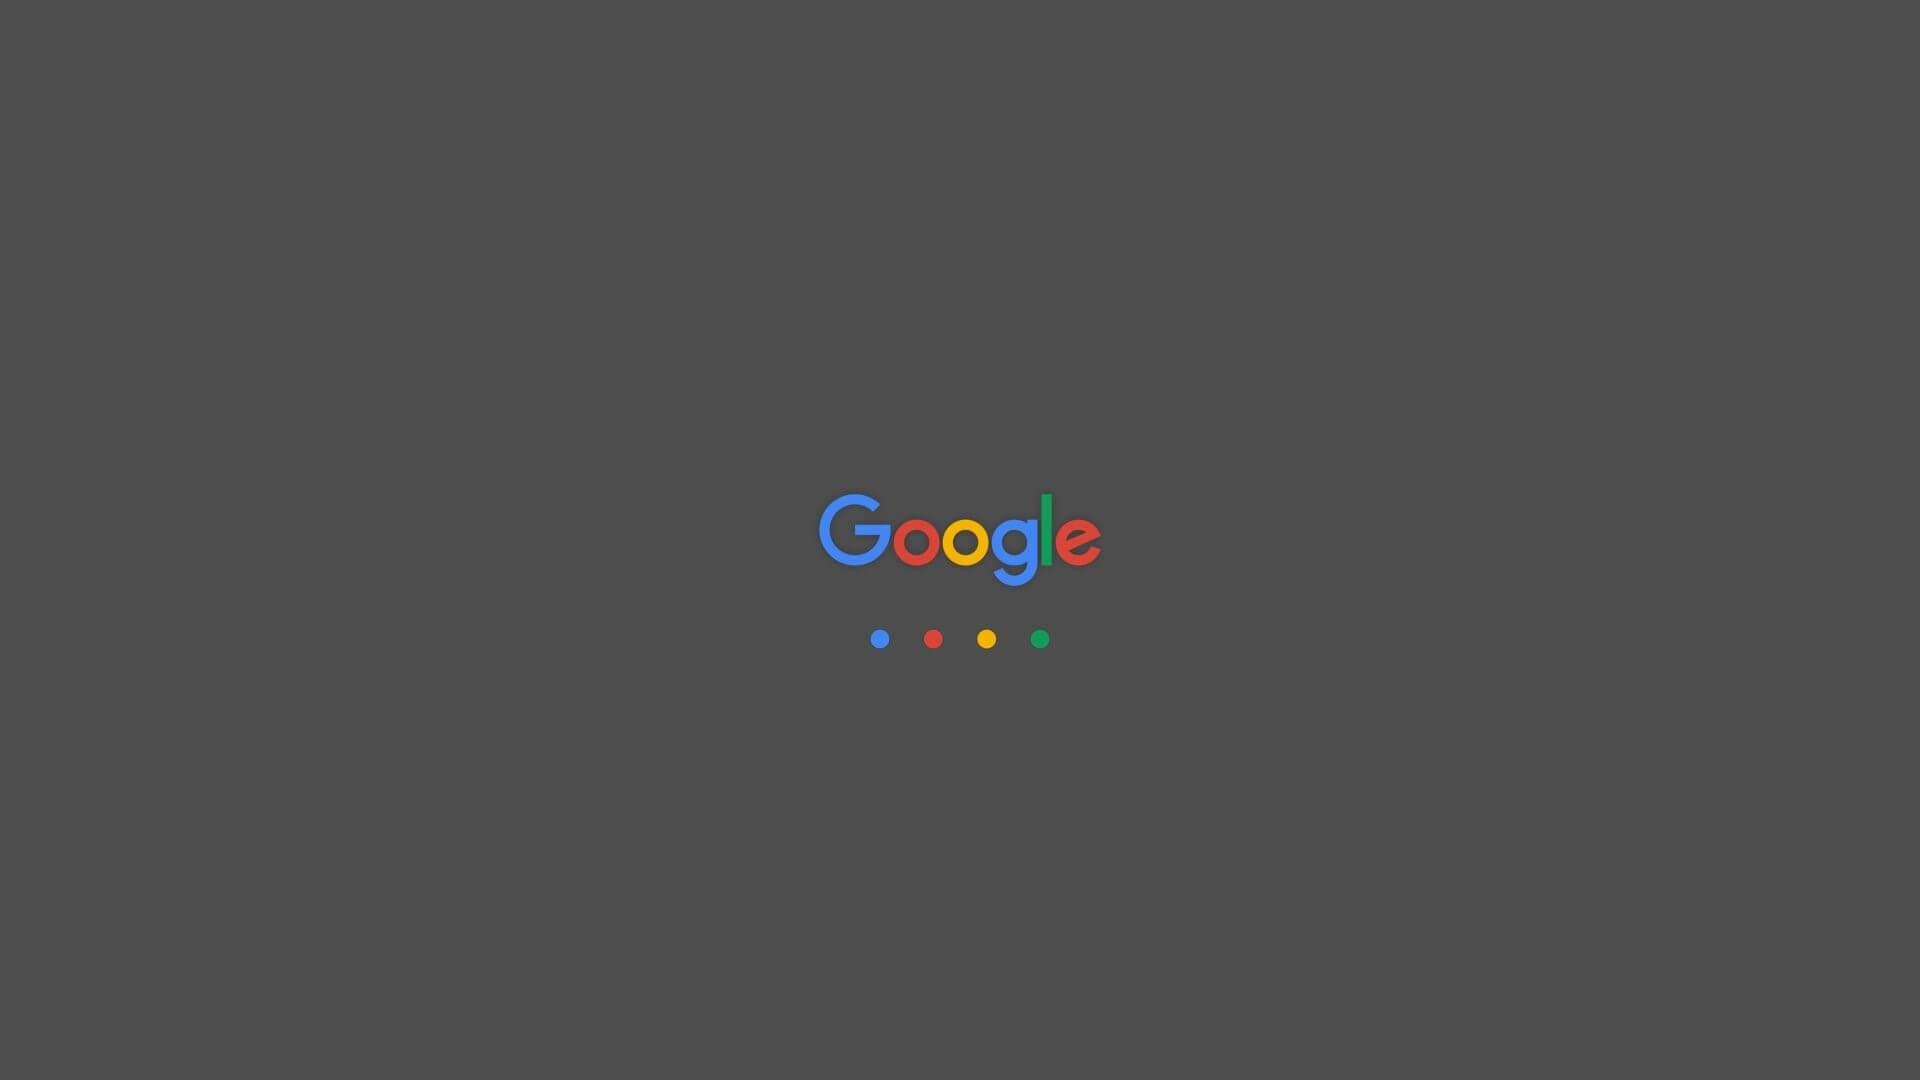 hình nền logo của công cụ tìm kiếm Google số 9